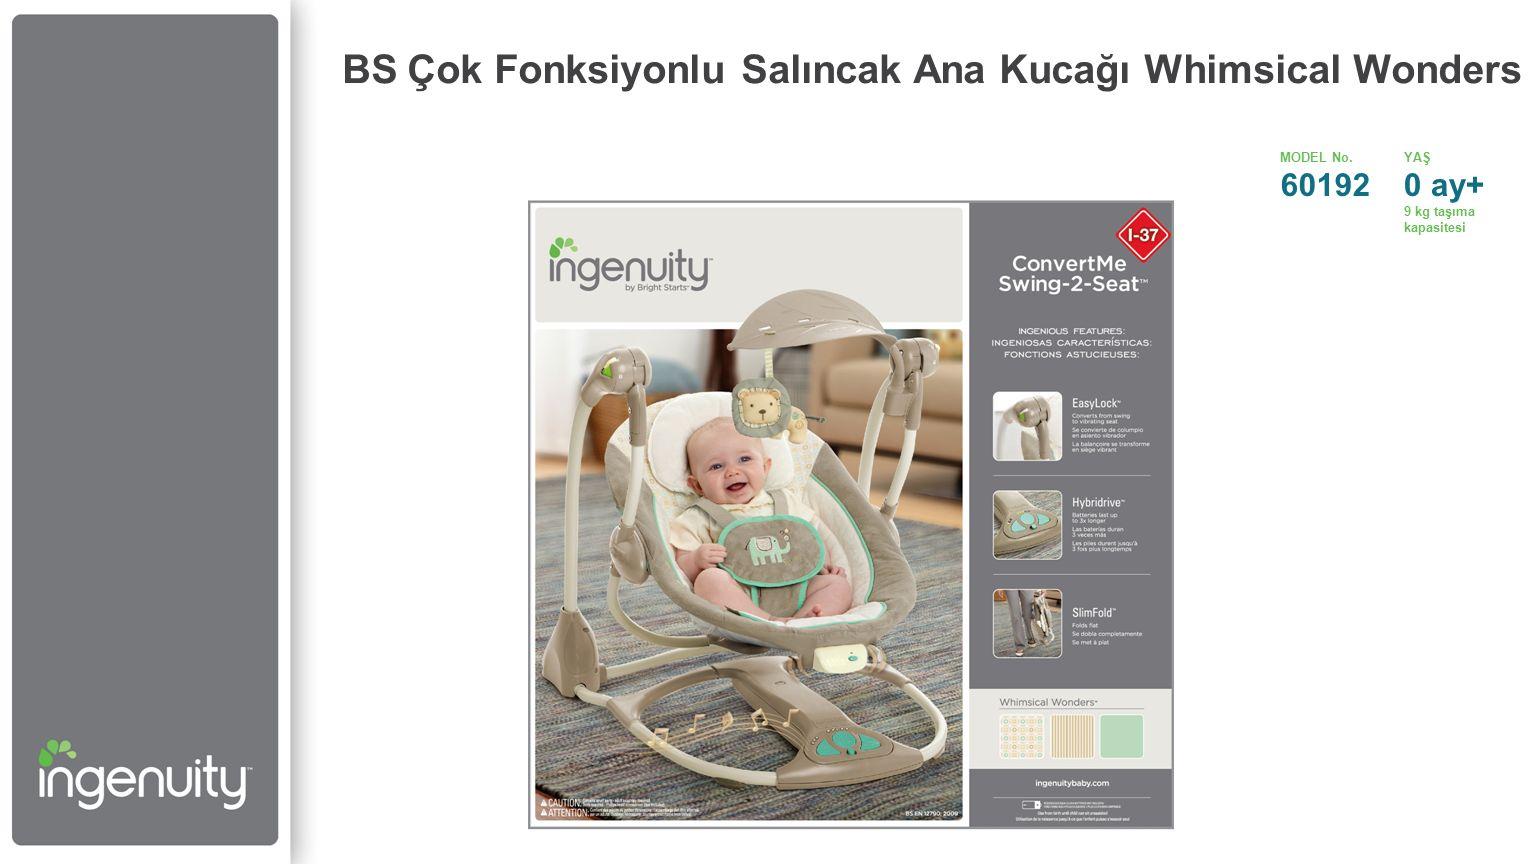 BS Çok Fonksiyonlu Salıncak Ana Kucağı Whimsical Wonders MODEL No.YAŞ 601920 ay+ 9 kg taşıma kapasitesi